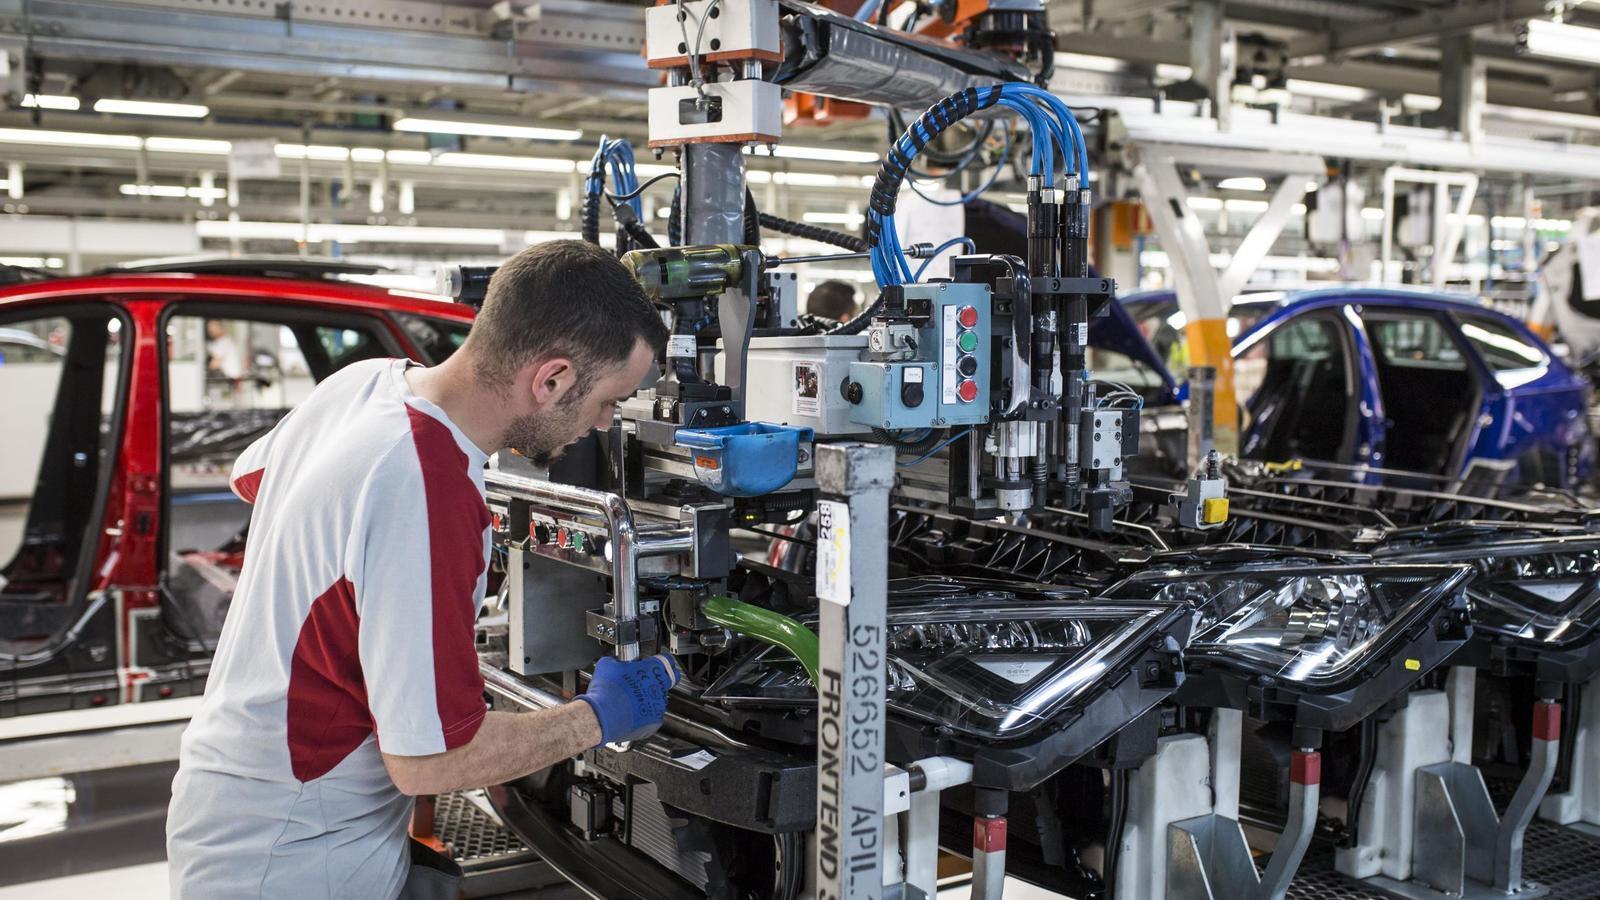 Seat contractarà 250 nous treballadors a Martorell